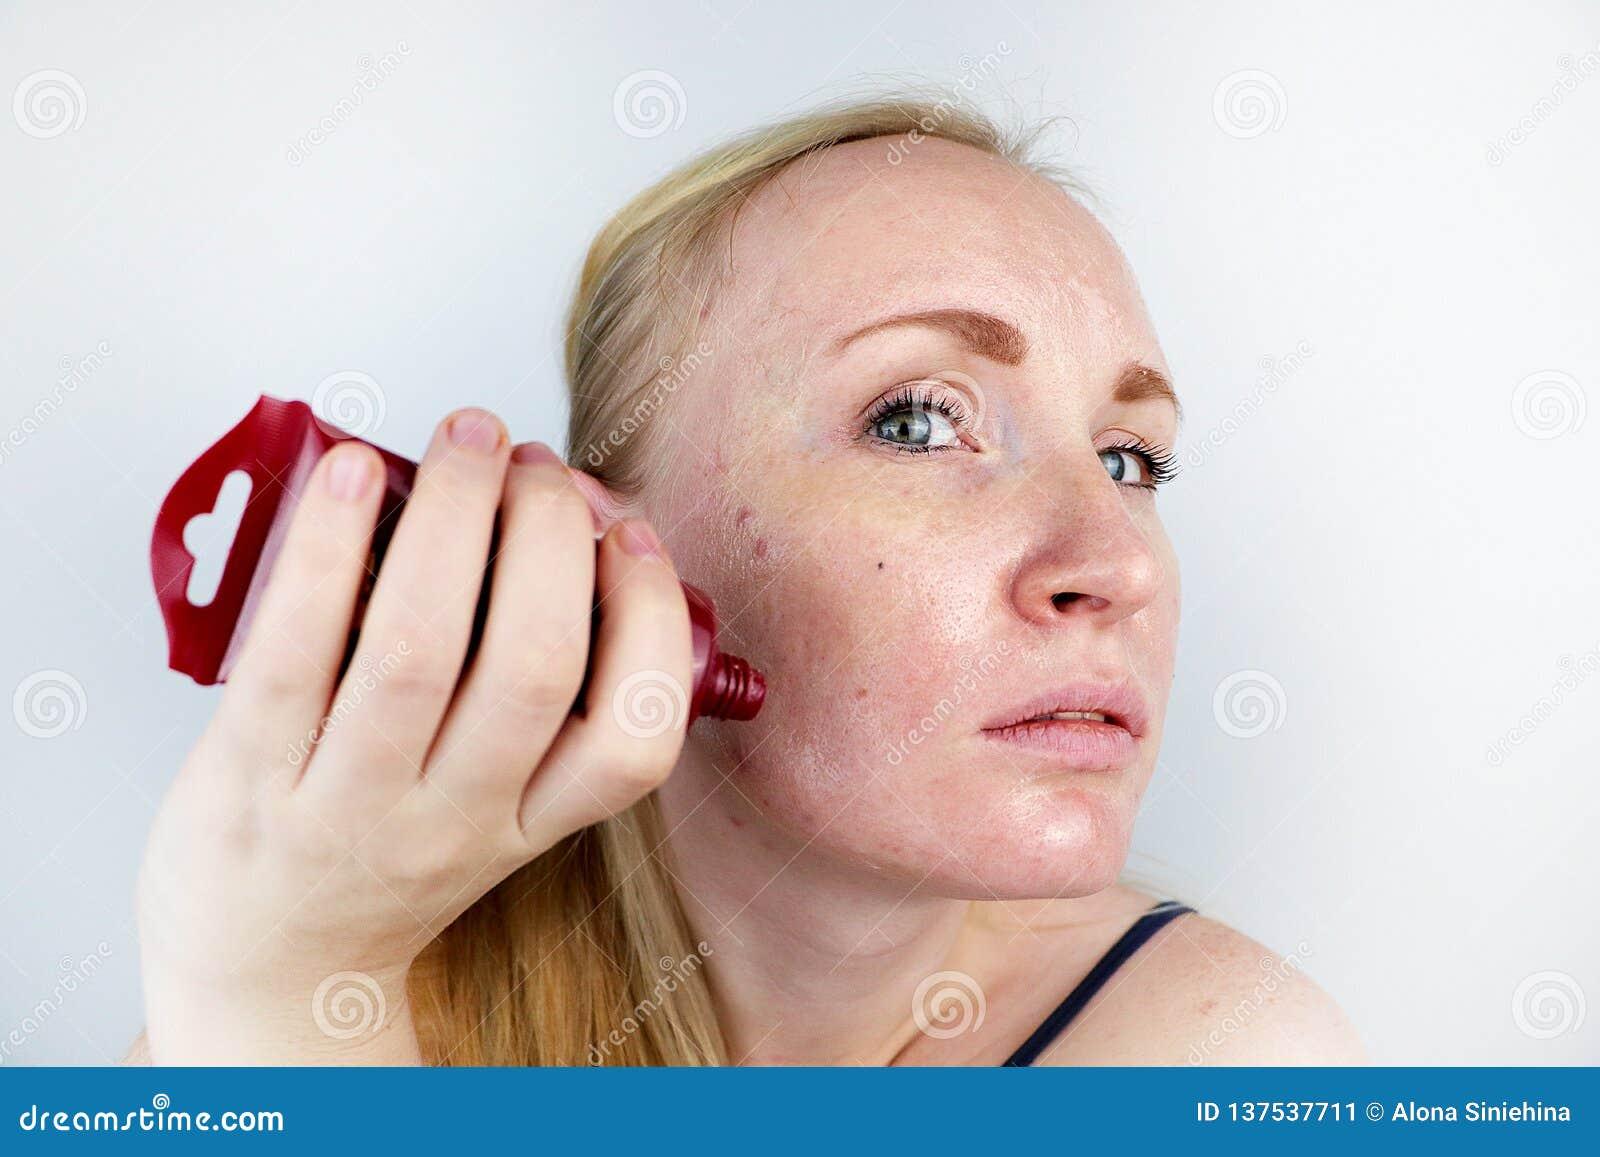 Μια νέα γυναίκα βάζει μια μάσκα πηκτωμάτων στο πρόσωπό της Προσοχή για το ελαιούχο, δέρμα προβλήματος